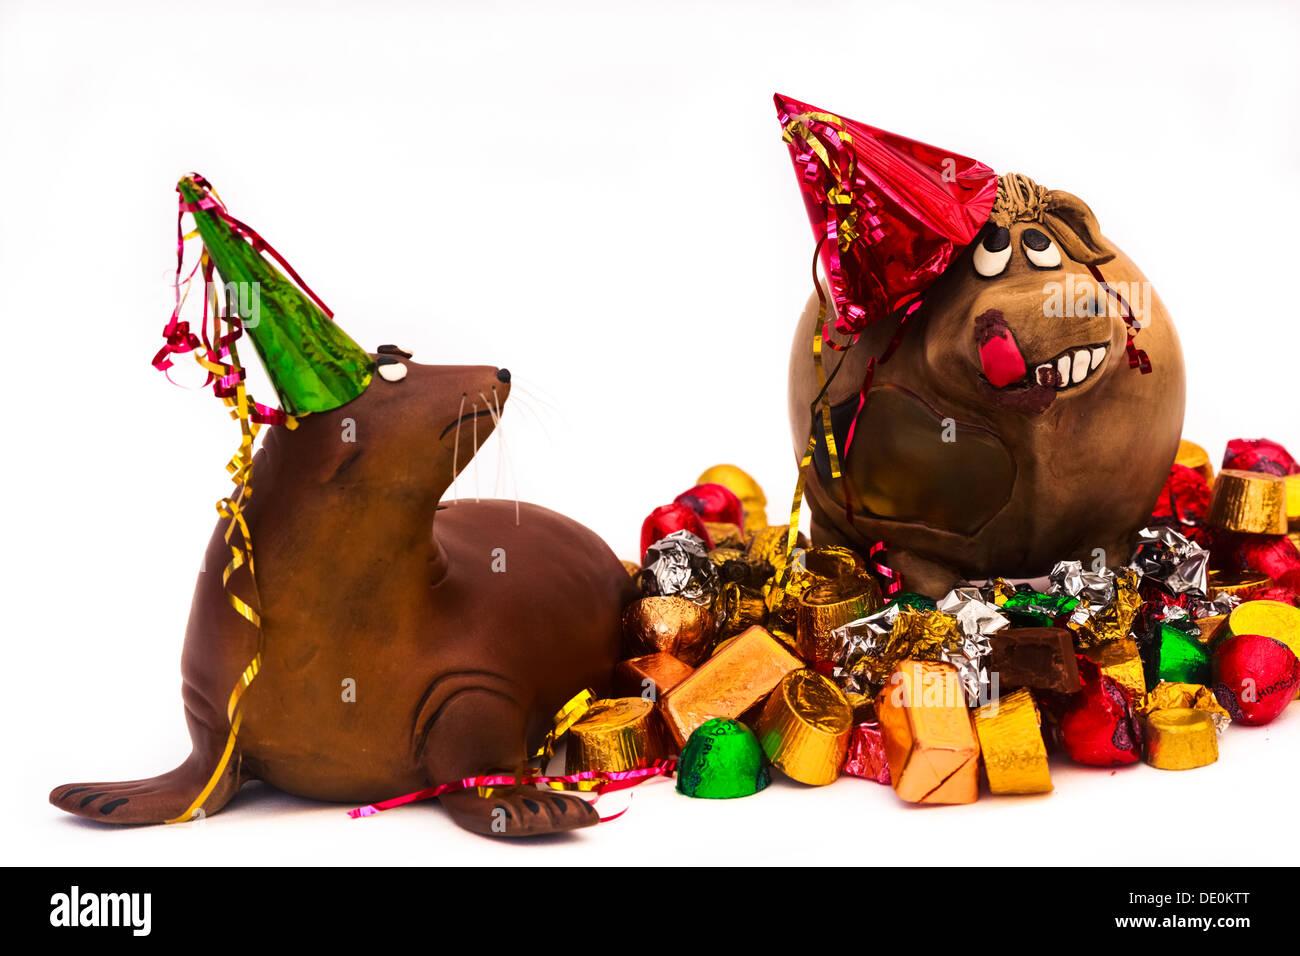 Zwei Ton-Tiere in einer Partei. Glücklichen Kuh auf hohem Schokolade mißbilligenden Seelöwen, stehend auf einem Haufen von Bonbons und Verpackungen, Stockbild